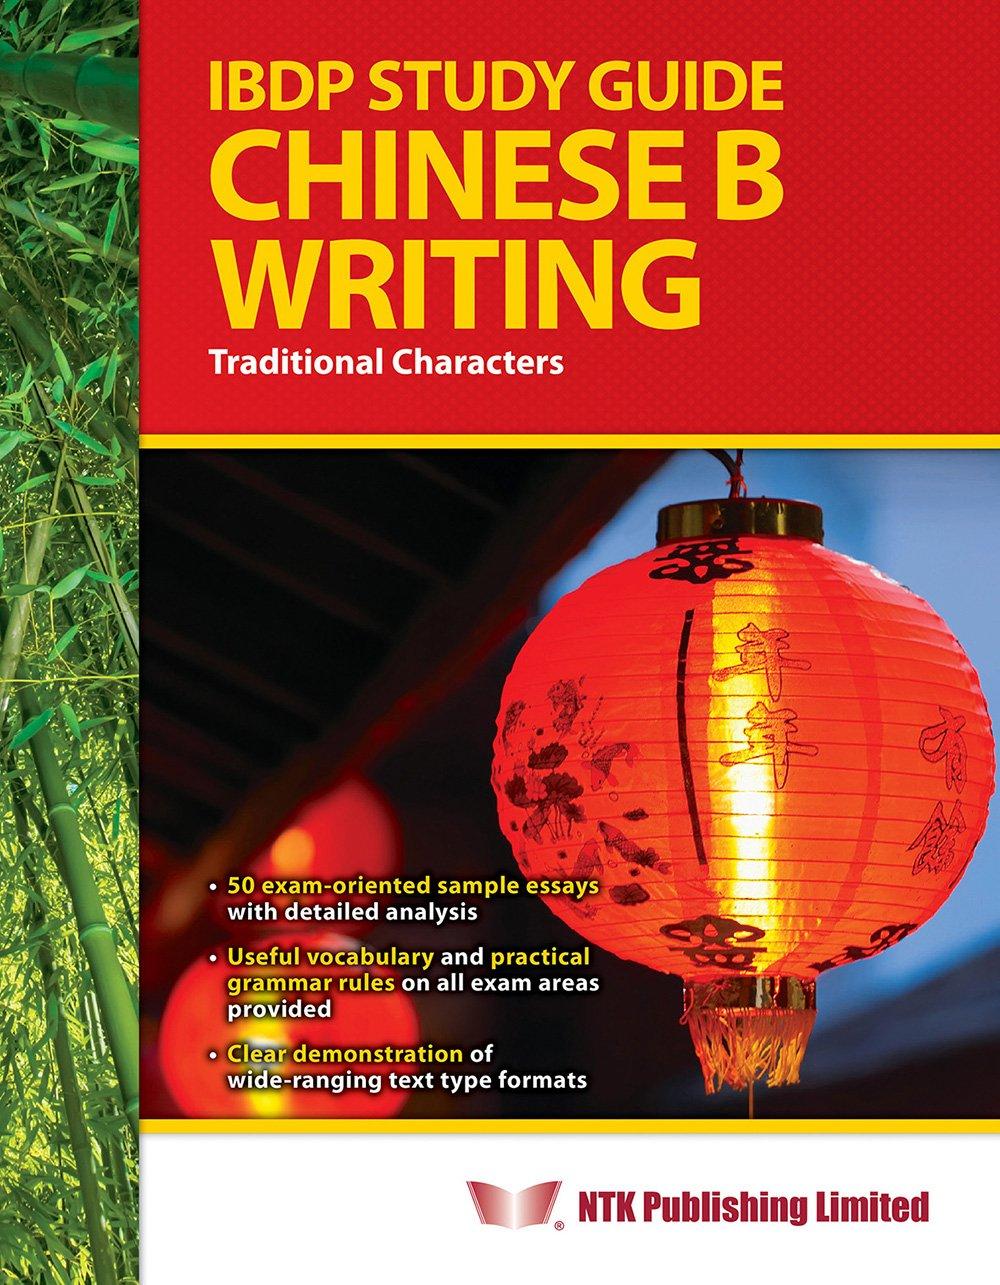 IBDP Study Guide Chinese B Writing (Traditional Characters) (Chinese  Edition): Ling Tsz Wai, Hu Xiao Qian, Han Ying, Zhang Rui, Jiang Fan, Zhong  Zhi Min, ...